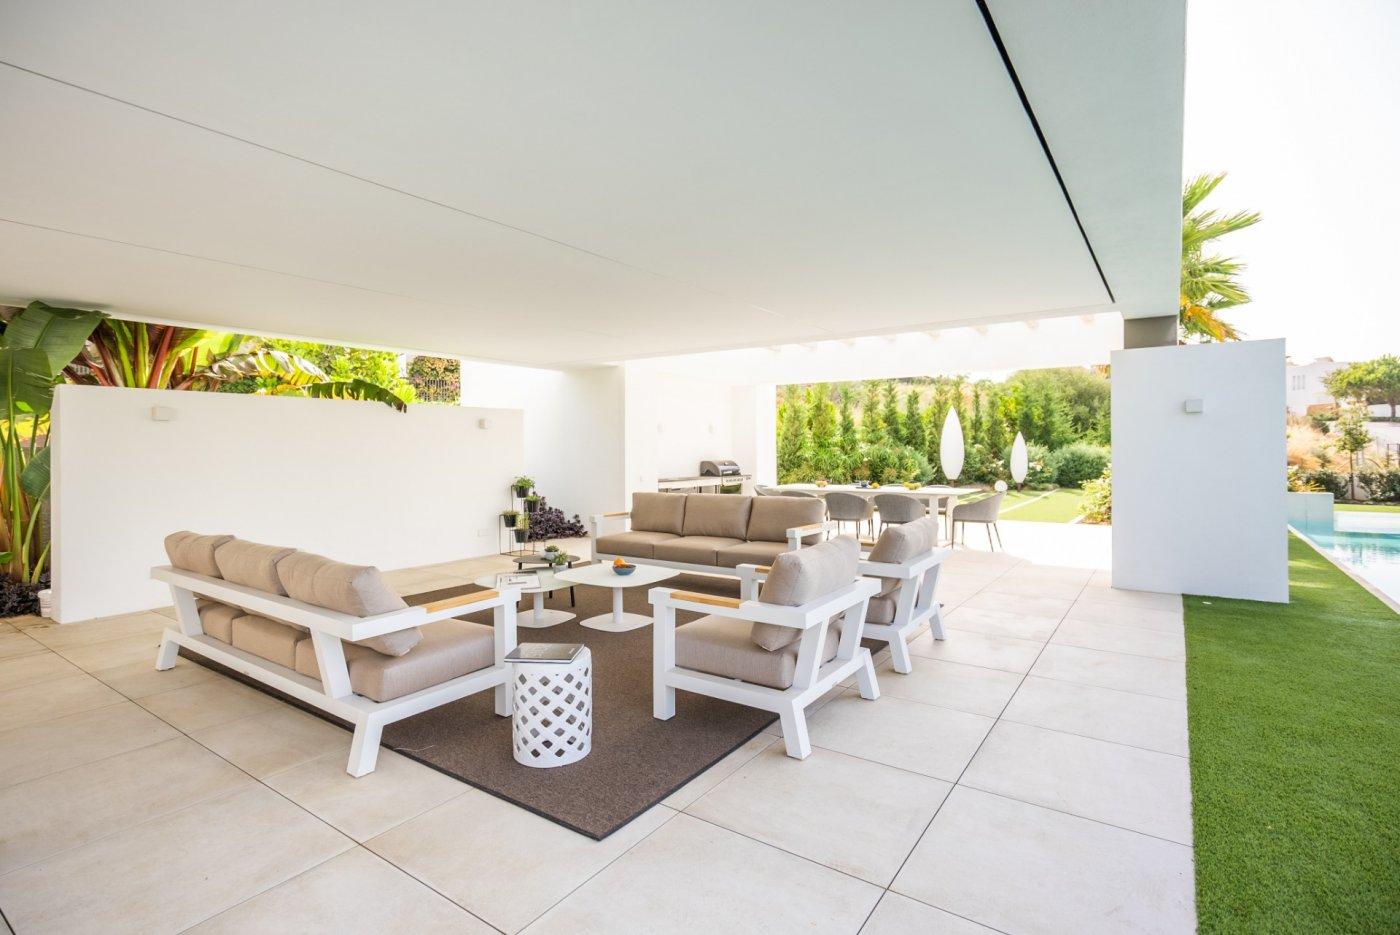 Brand new modern villa for sale in La Alqueria